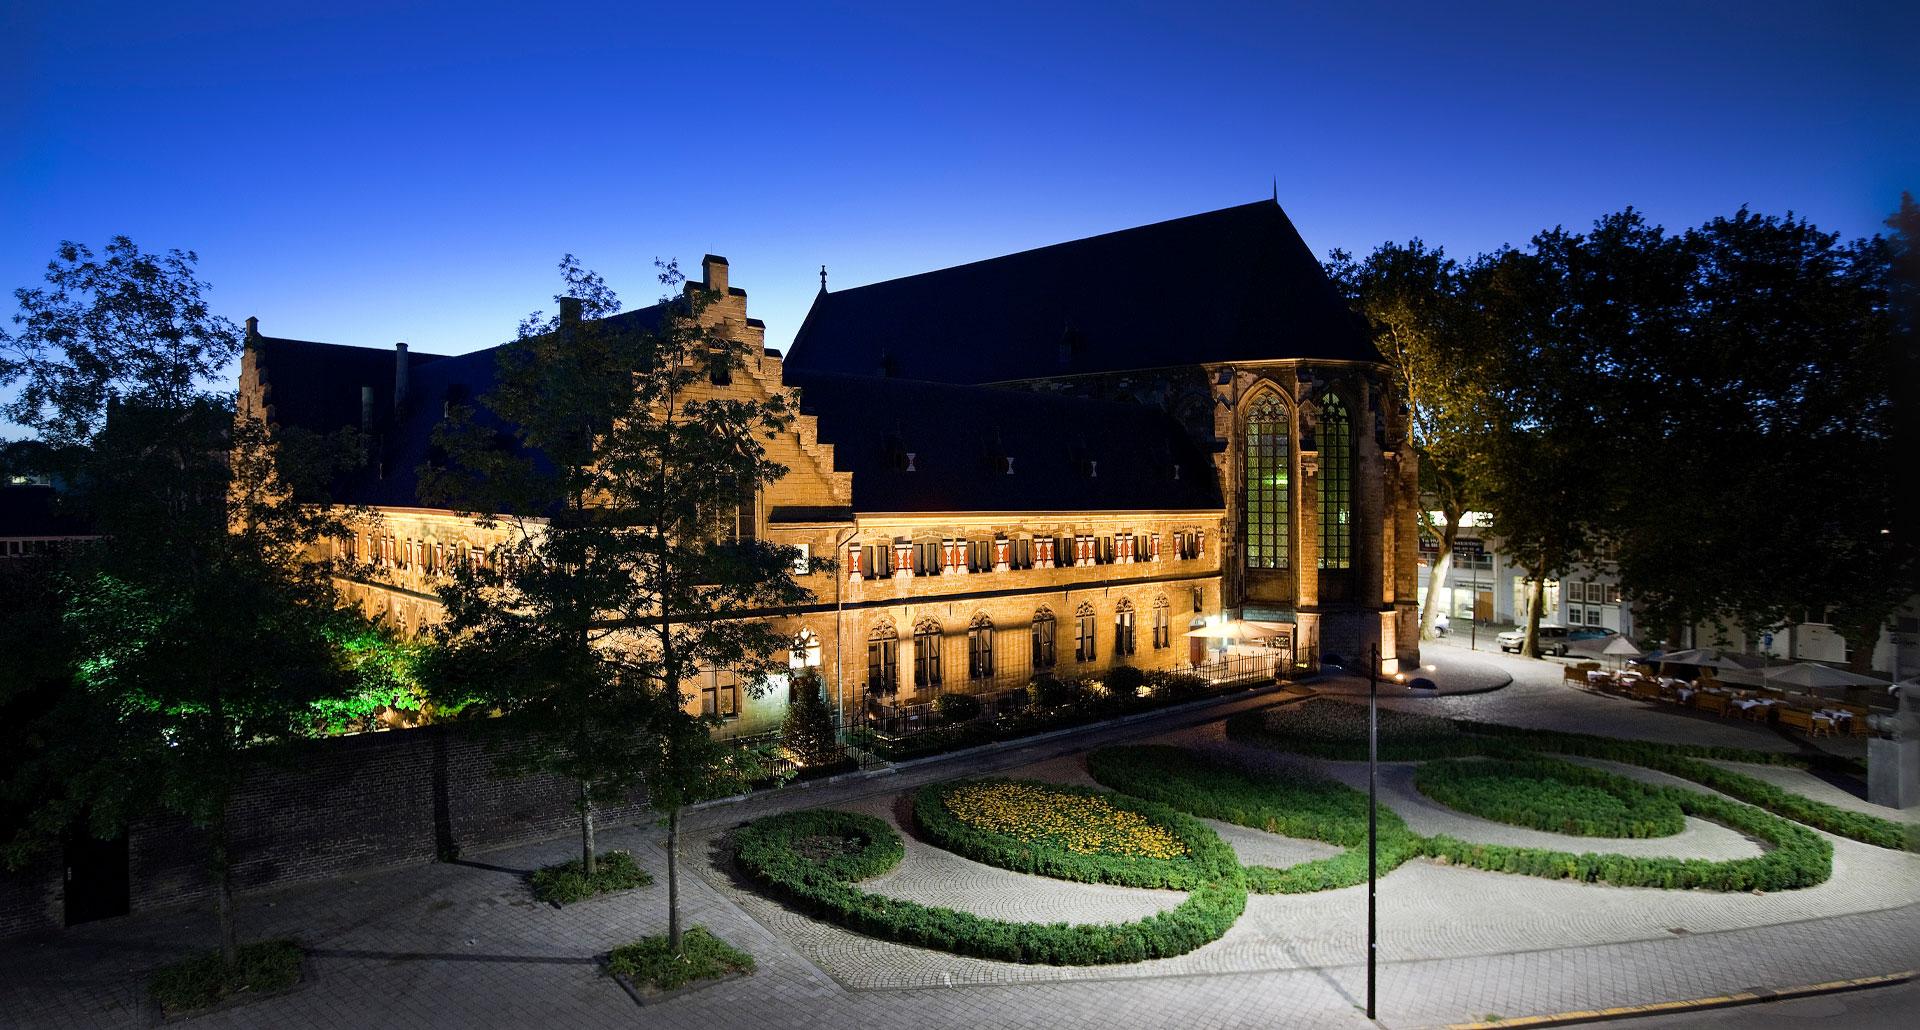 Kruisherenhotel Maastricht - boutique hotel in Maastricht